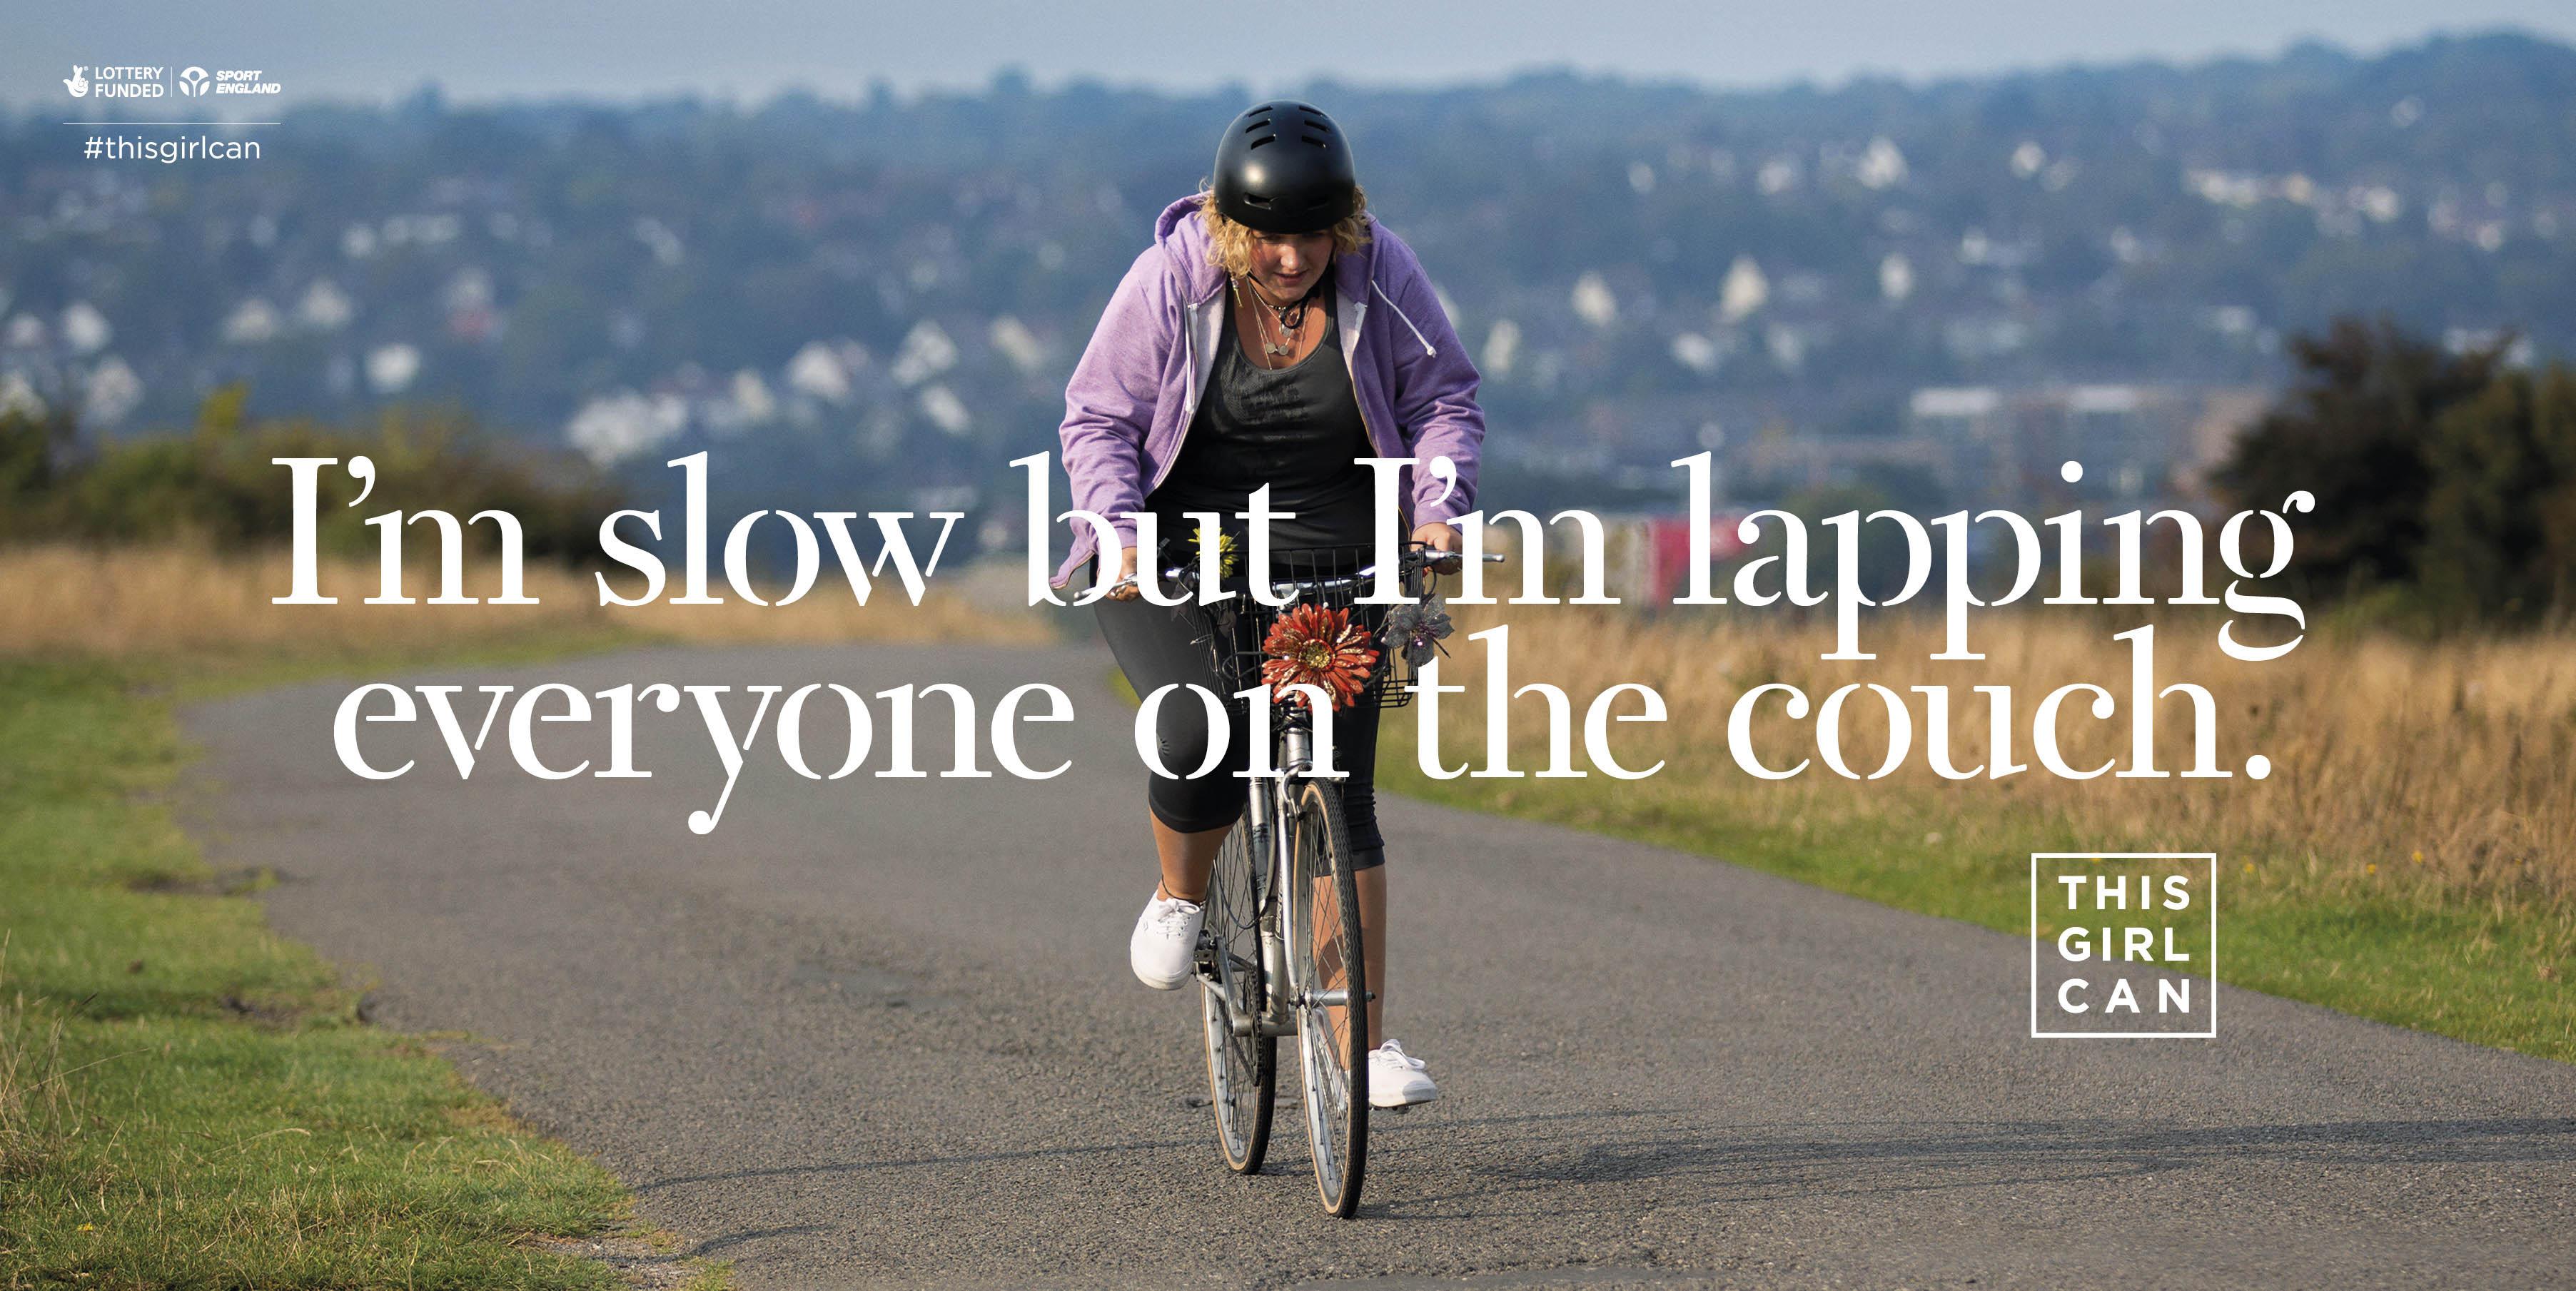 sport campagne voor zelfvertrouwen this girl can